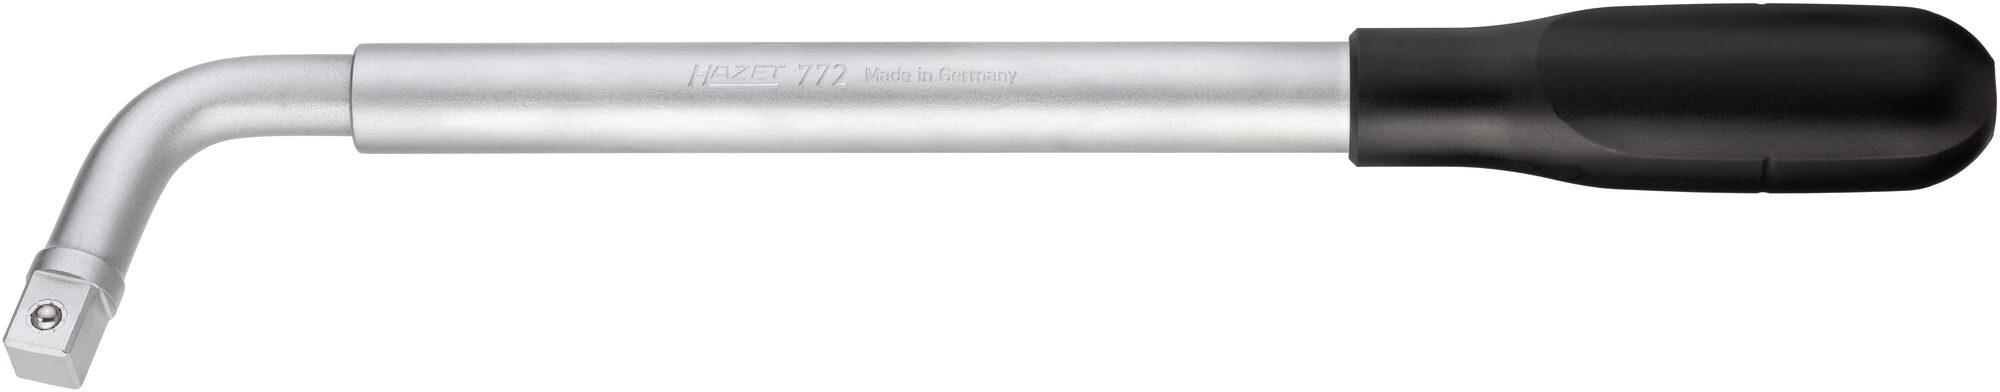 HAZET Ausziehbarer Radmuttern-Schlüssel 772 ∙ Vierkant massiv 12,5 mm (1/2 Zoll) ∙ Außenvierkant Antrieb 12,5 = 1/2 Zoll